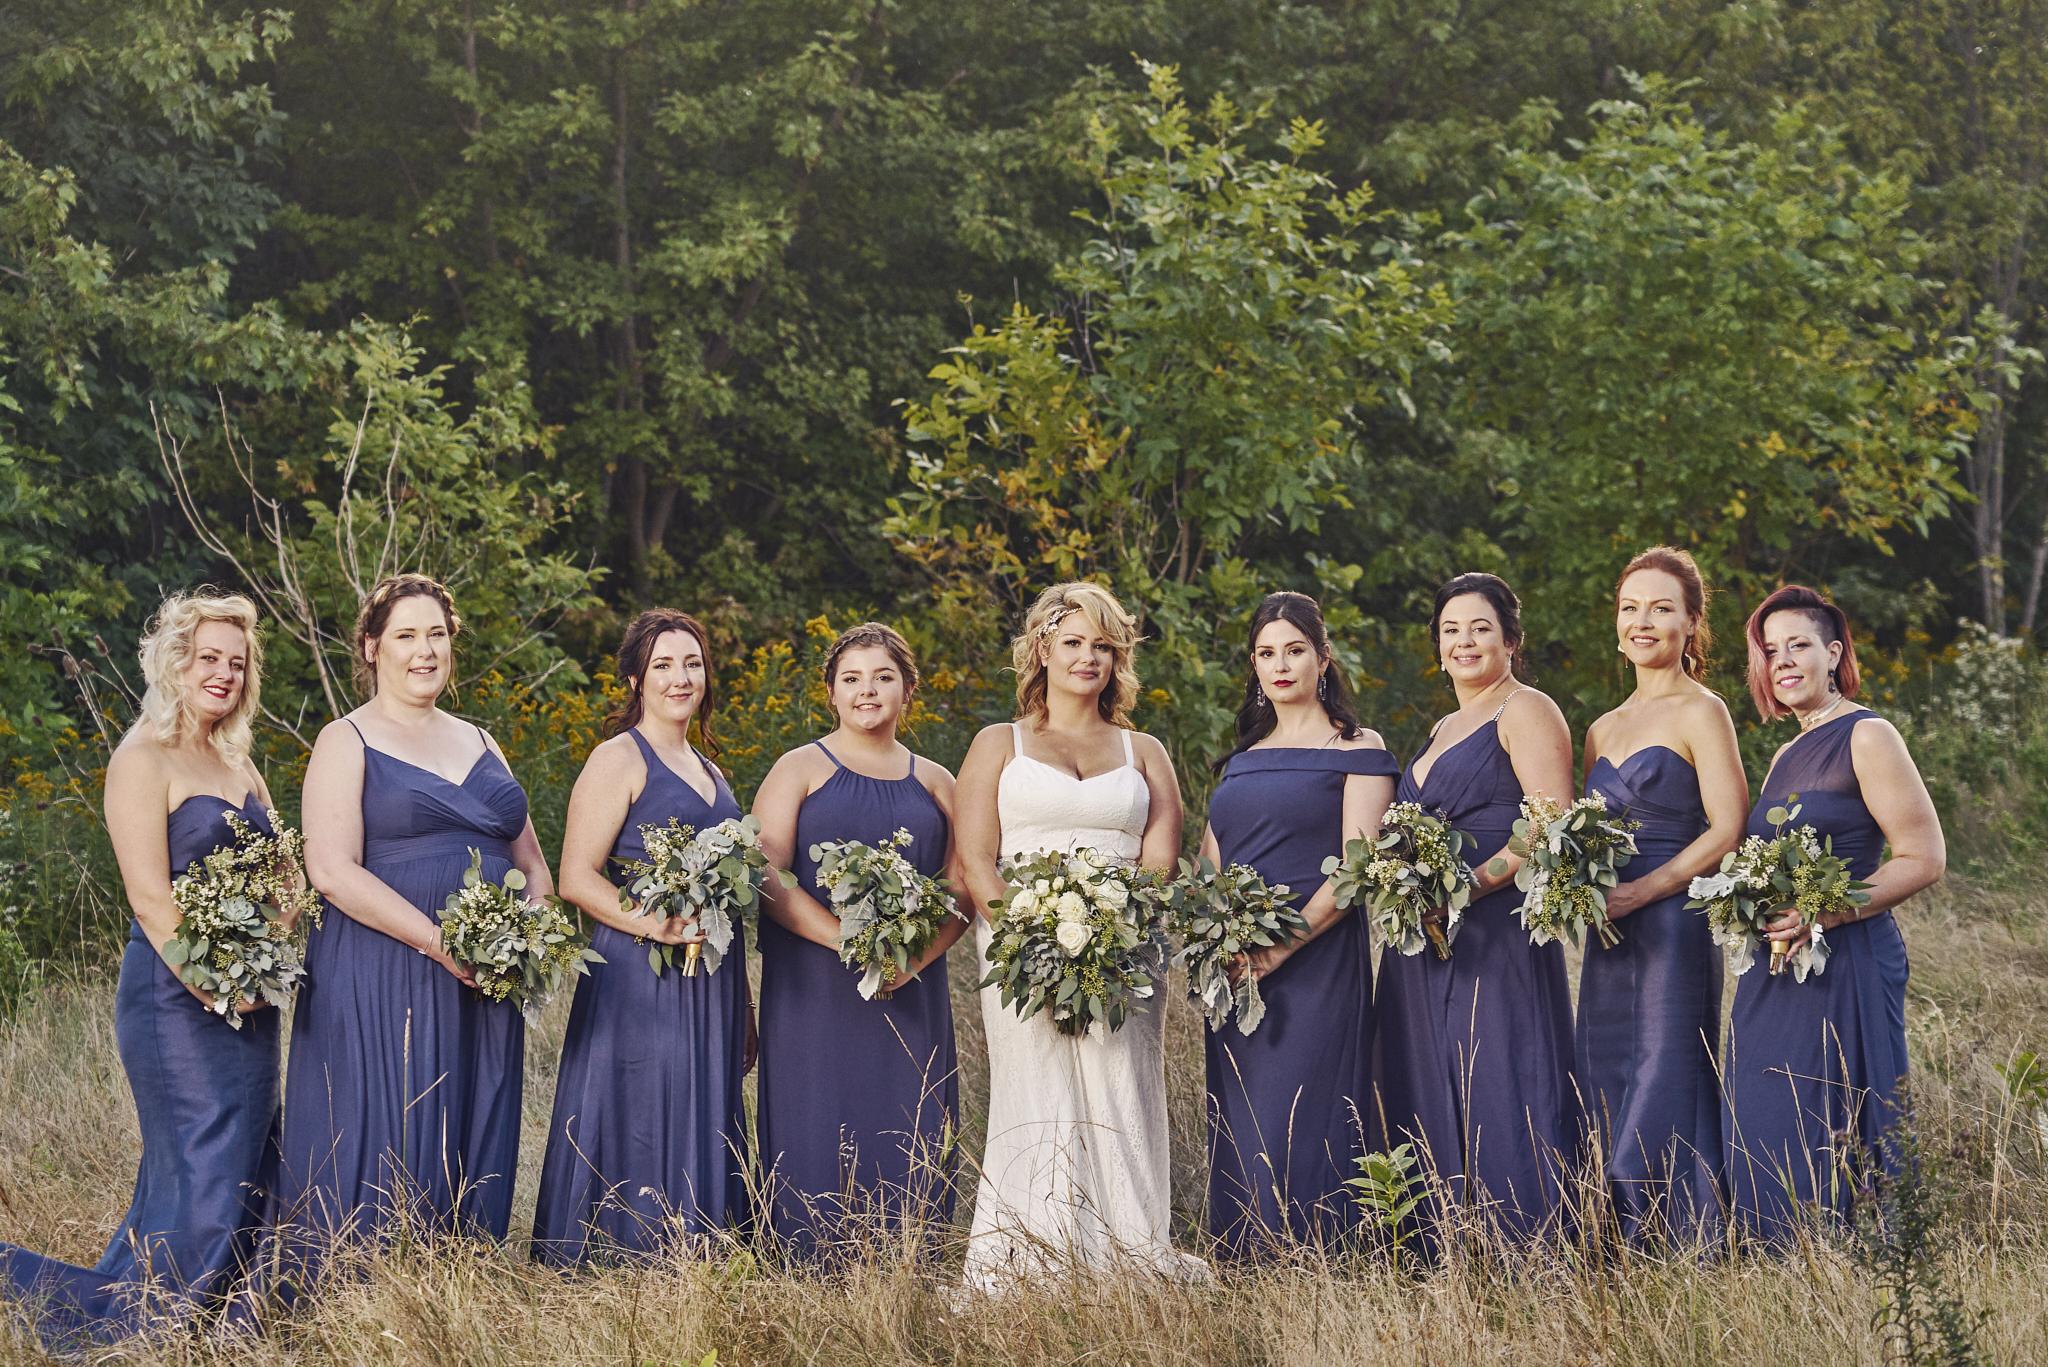 J.R. Clubb Photography Orr Wedding 16001002.jpg